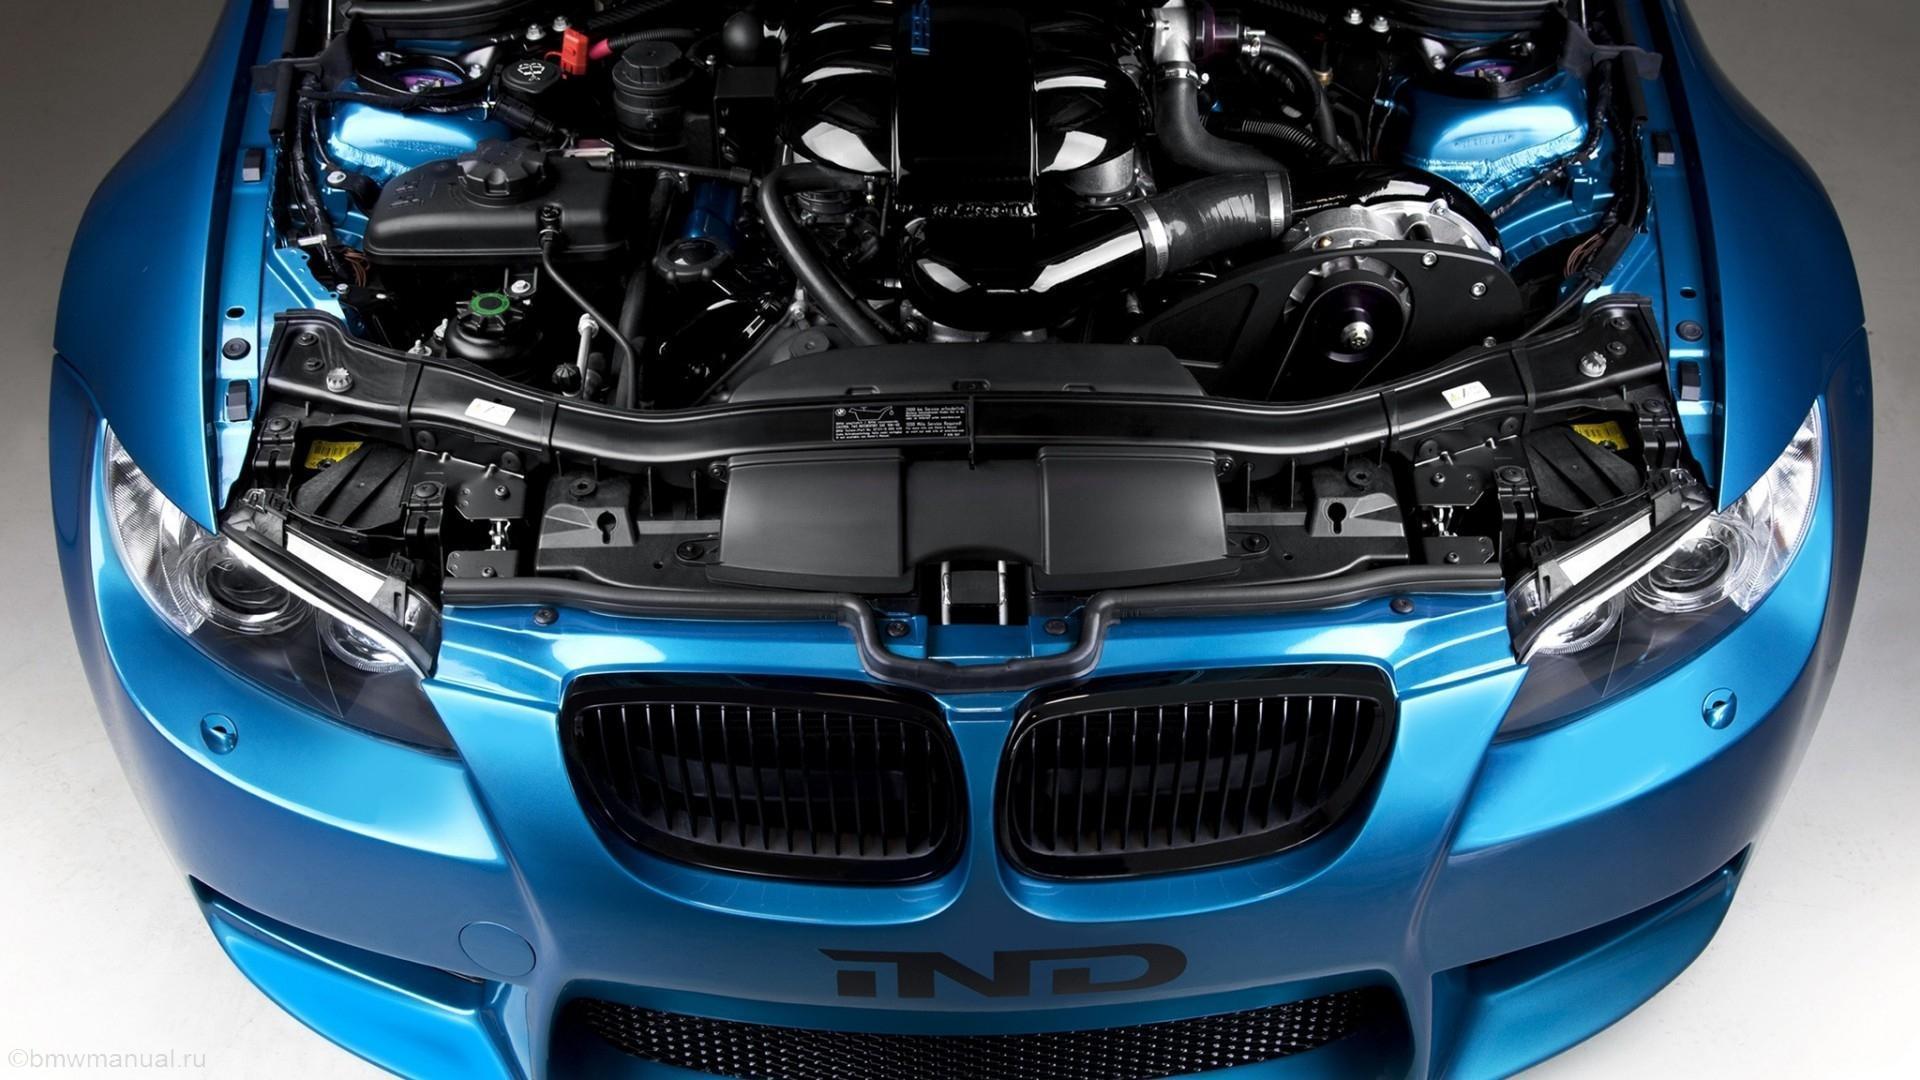 ТОП 5 лучших двигателей BMW за всю историю